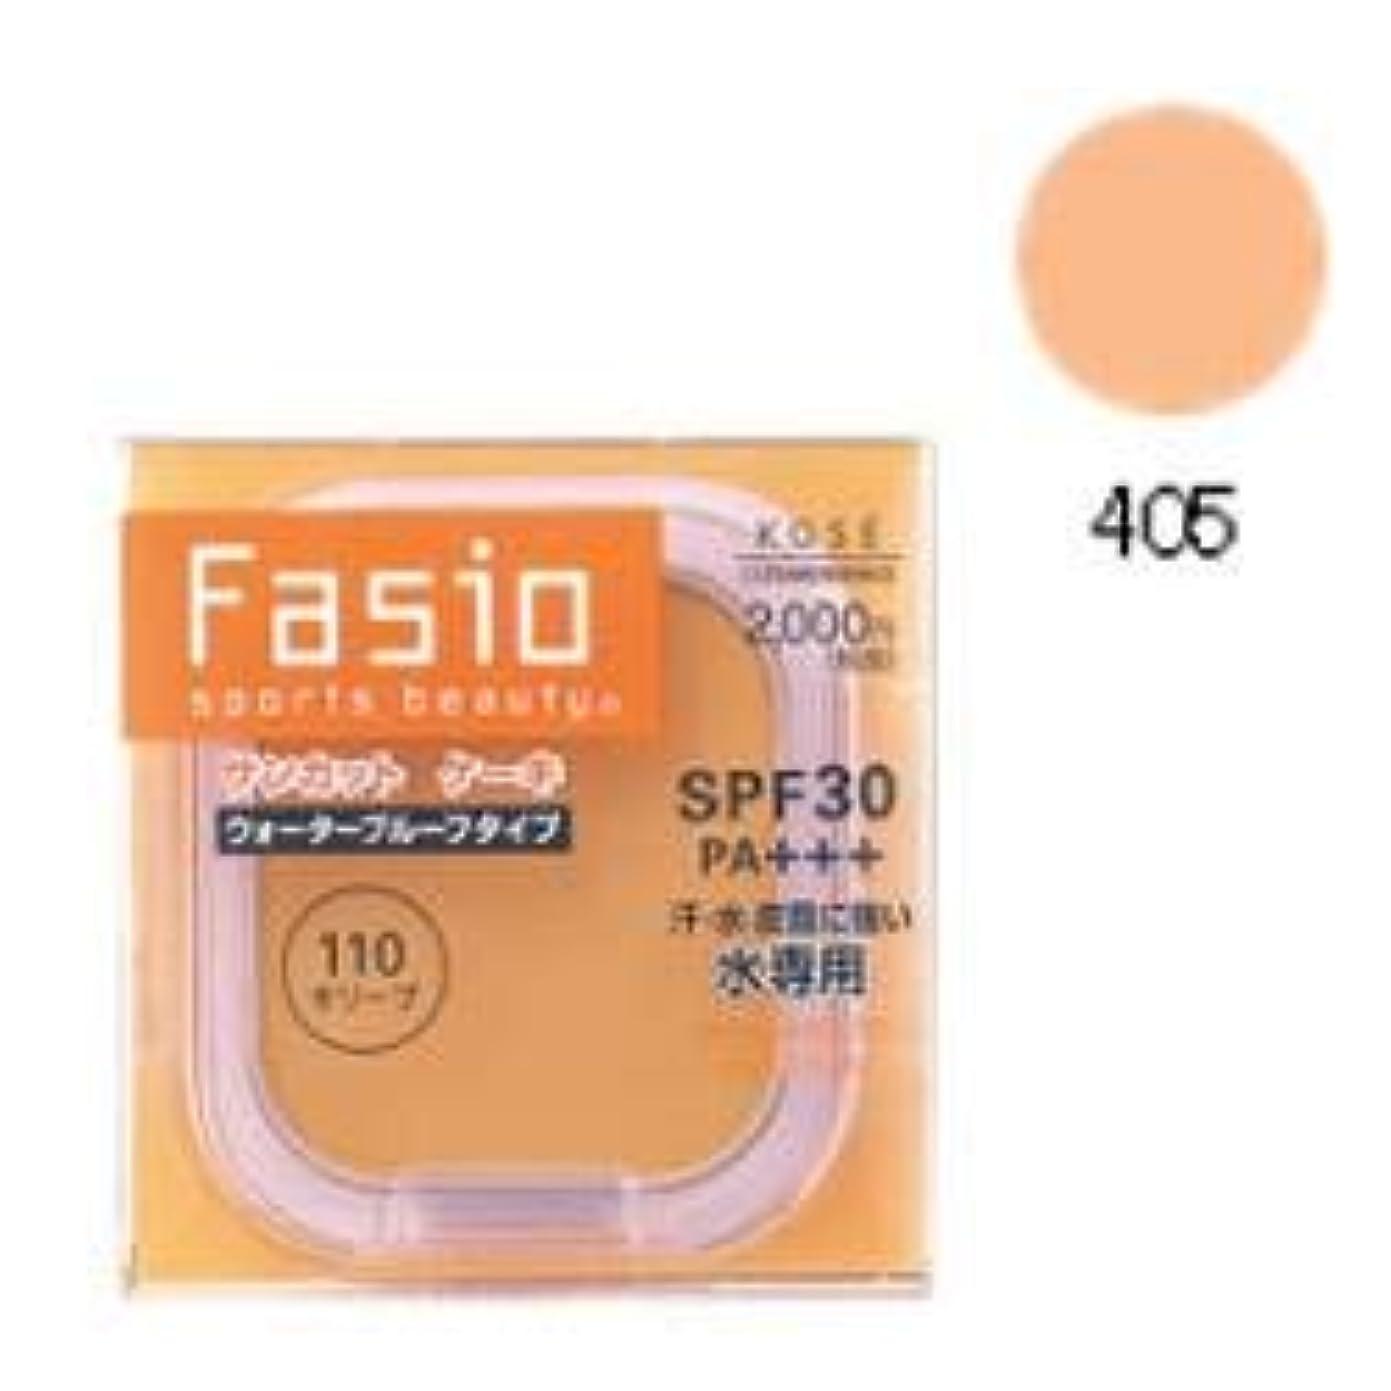 買い手遺伝的急行するコーセー Fasio ファシオ サンカット ケーキ 詰め替え用 405